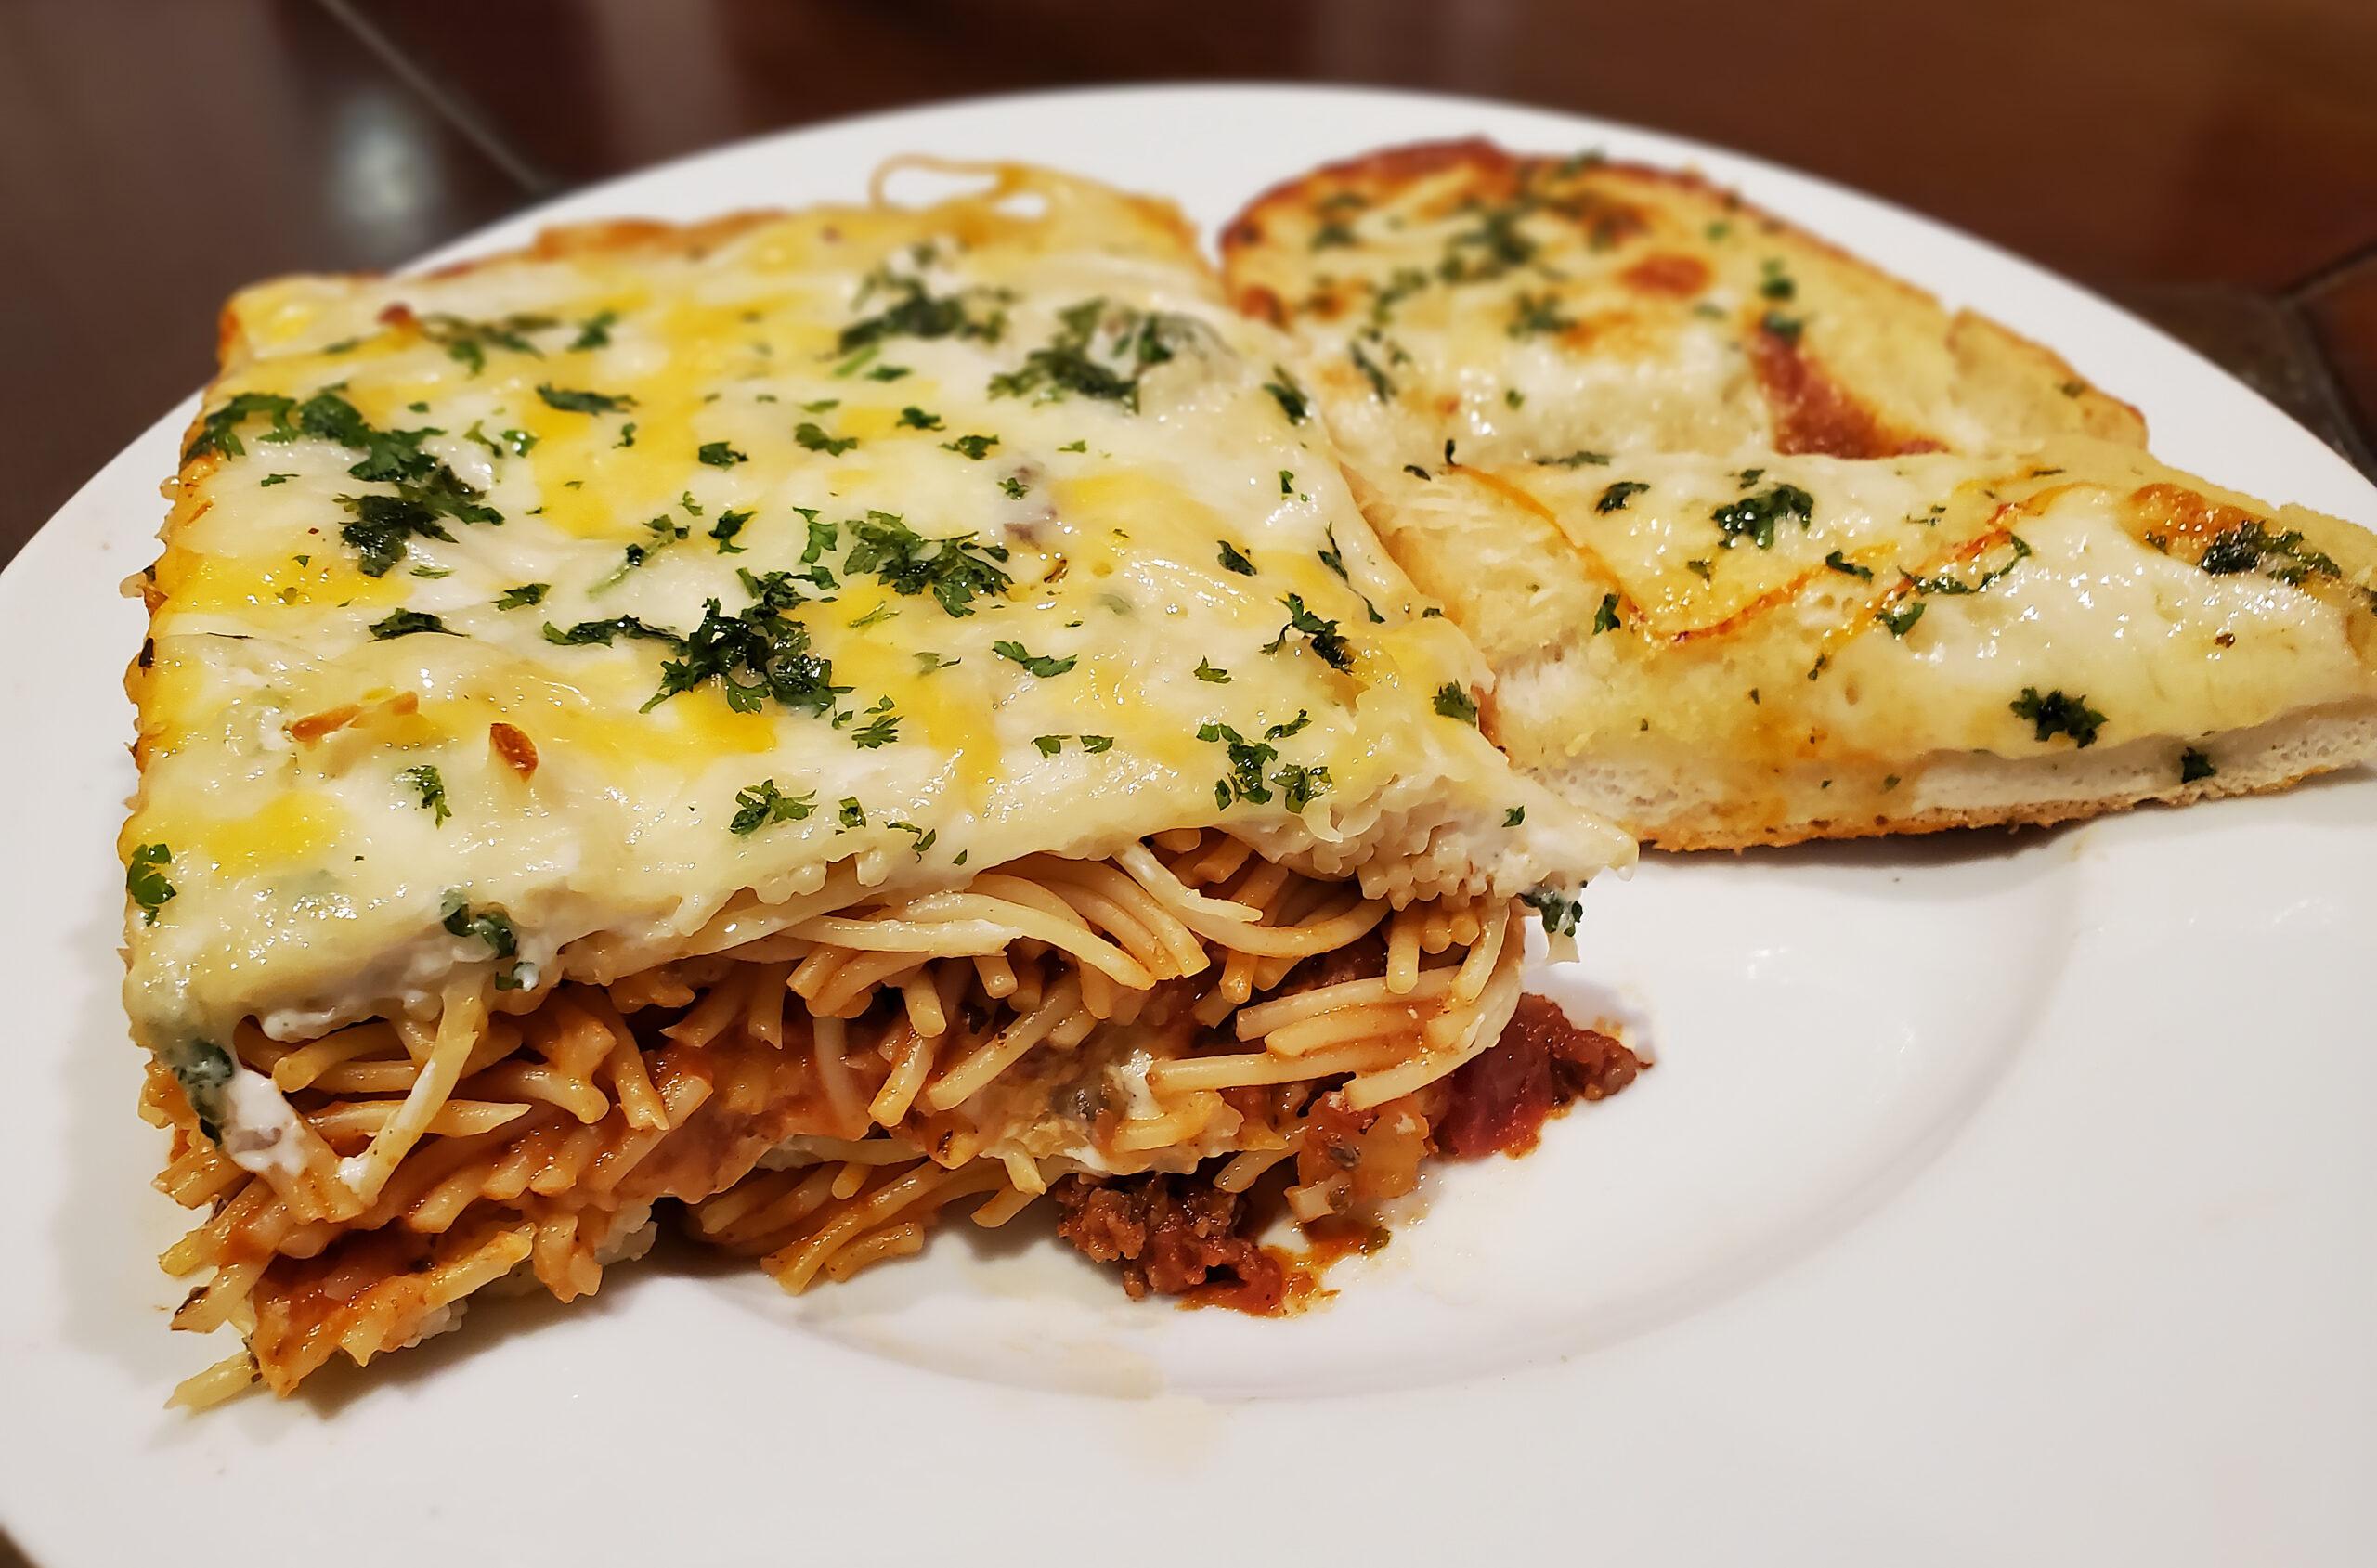 Creamy Spaghetti Casserole Plate 1